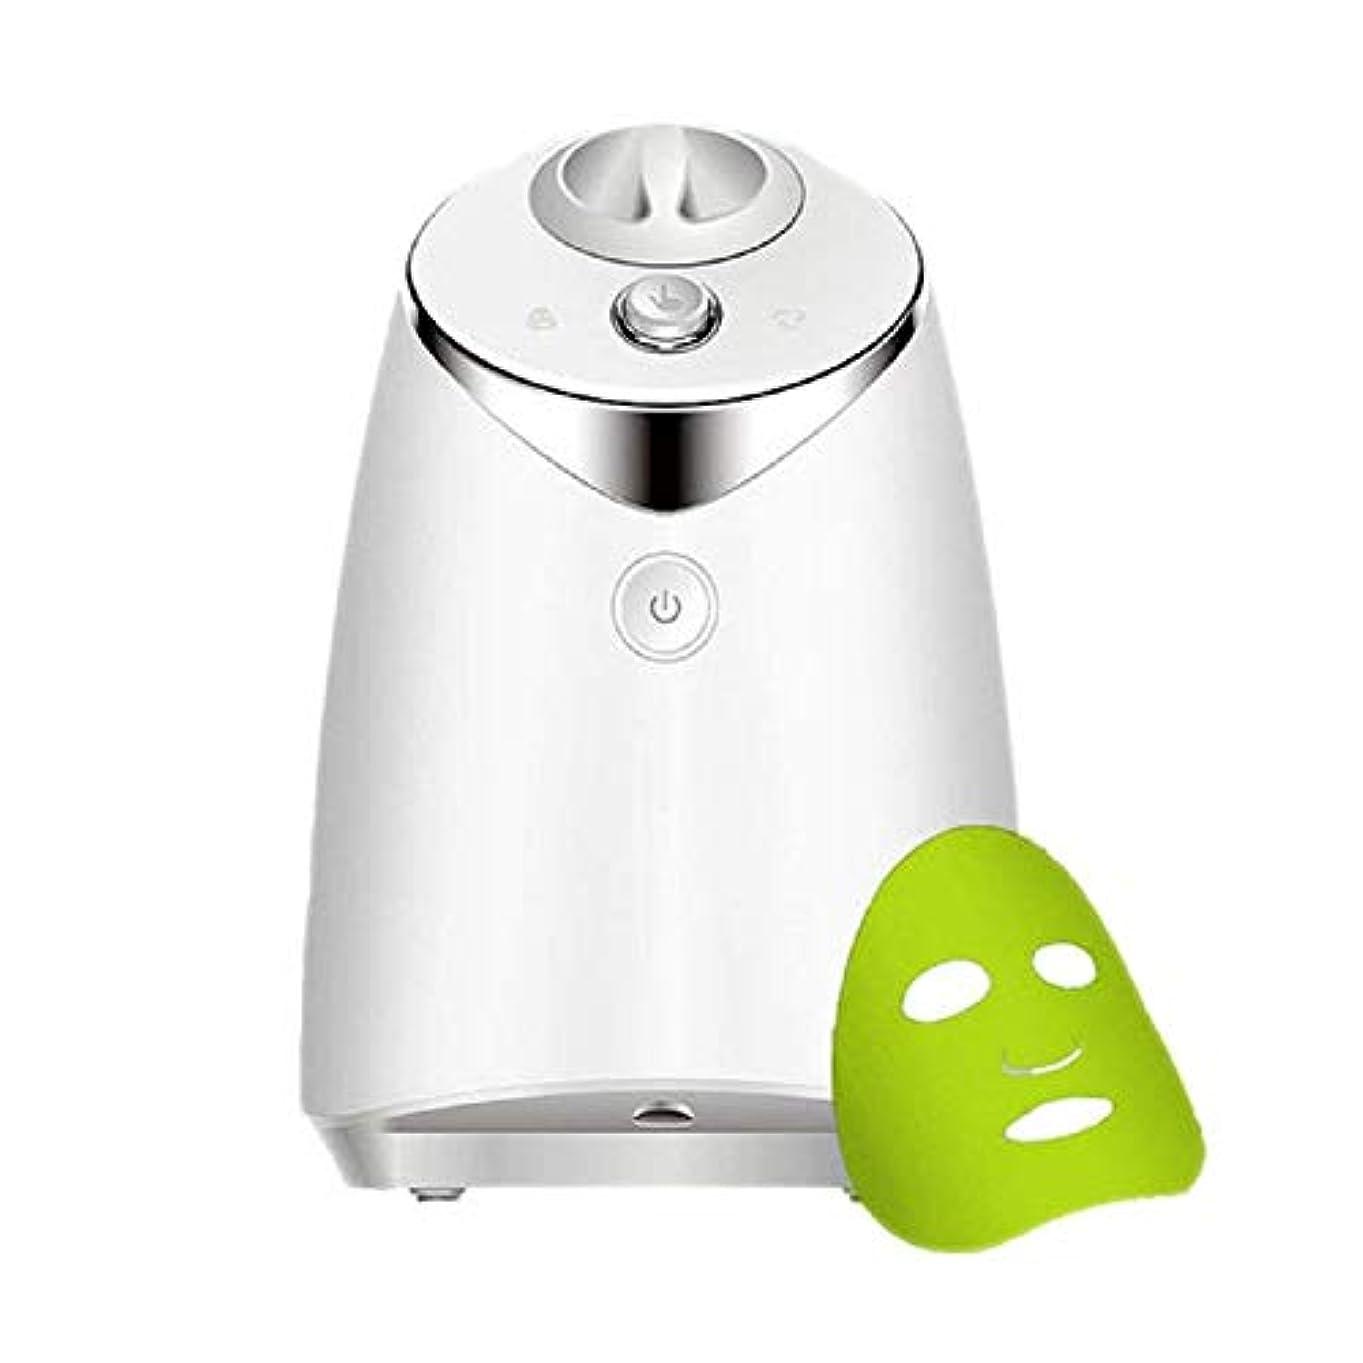 ペットを通してすすり泣きフルーツと野菜マスク製造機、フェイススチーマー100%ナチュラル自家製自動美容器/インテリジェントな音声プロンプトワンボタンクリーニング